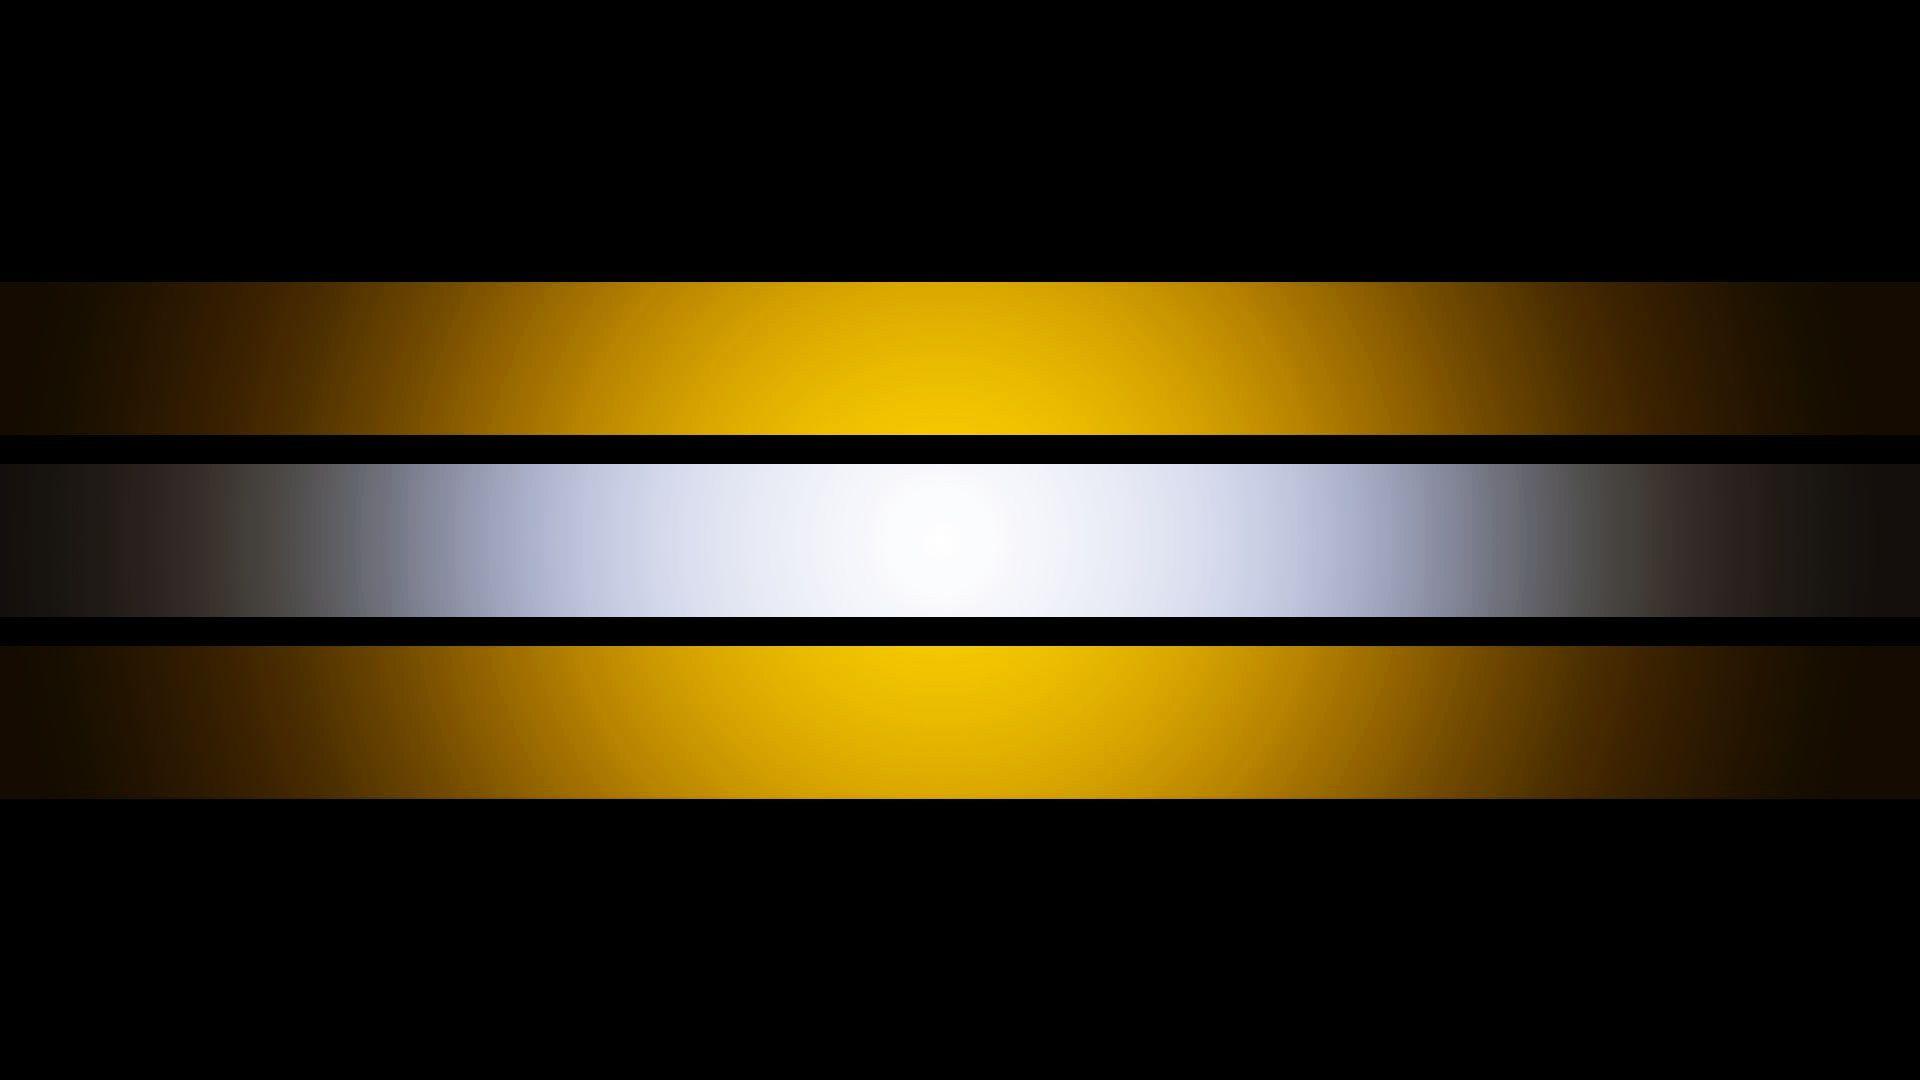 black and yellow hd wallpaper - wallpapersafari